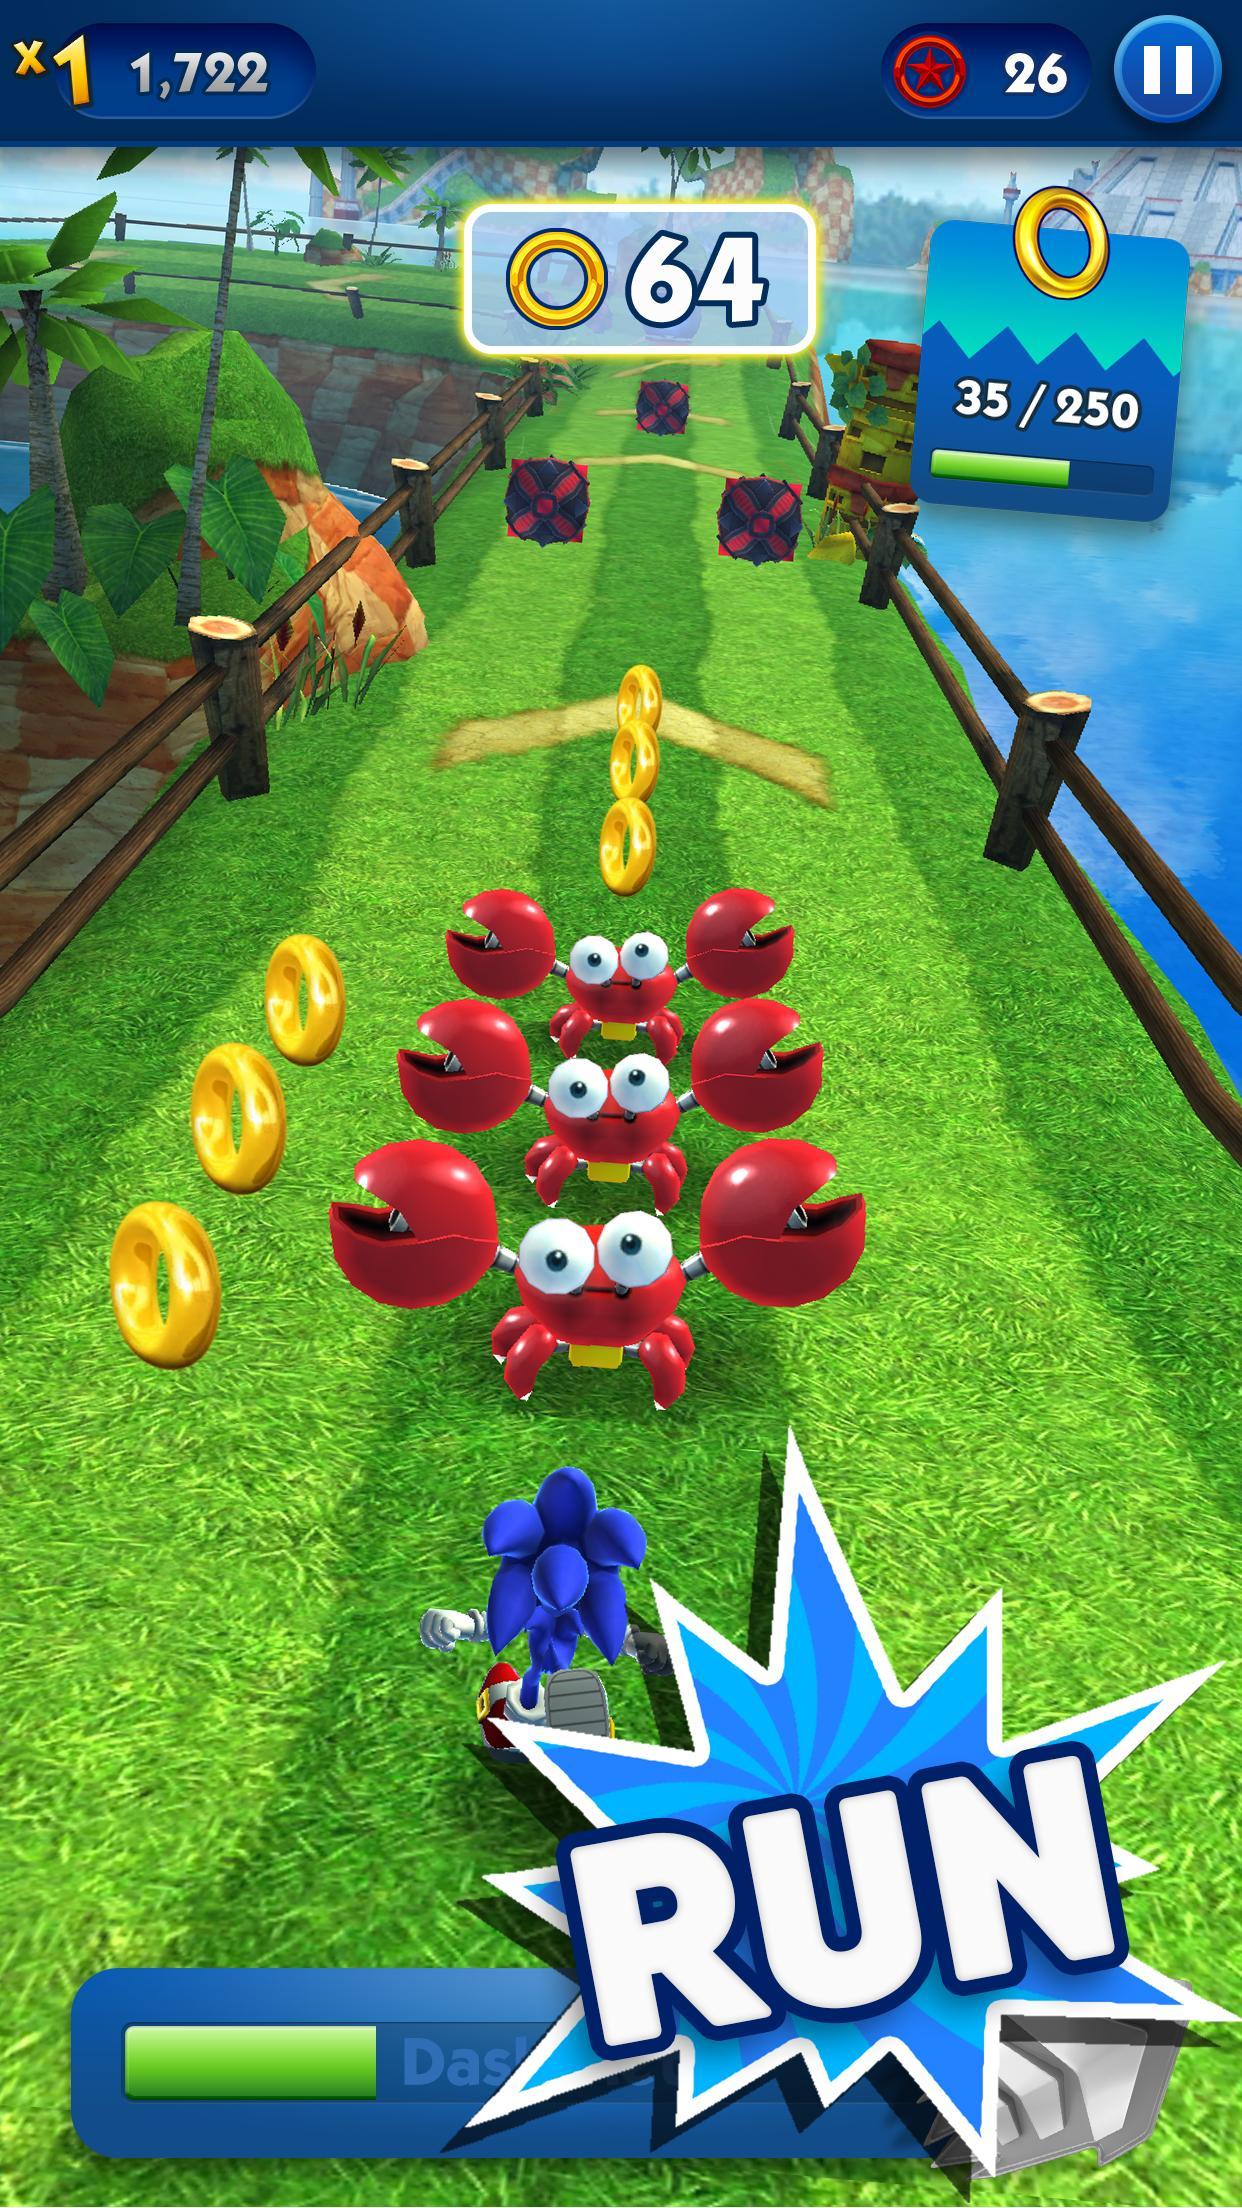 Sonic Dash - Endless Running & Racing Game 4.14.0 Screenshot 9